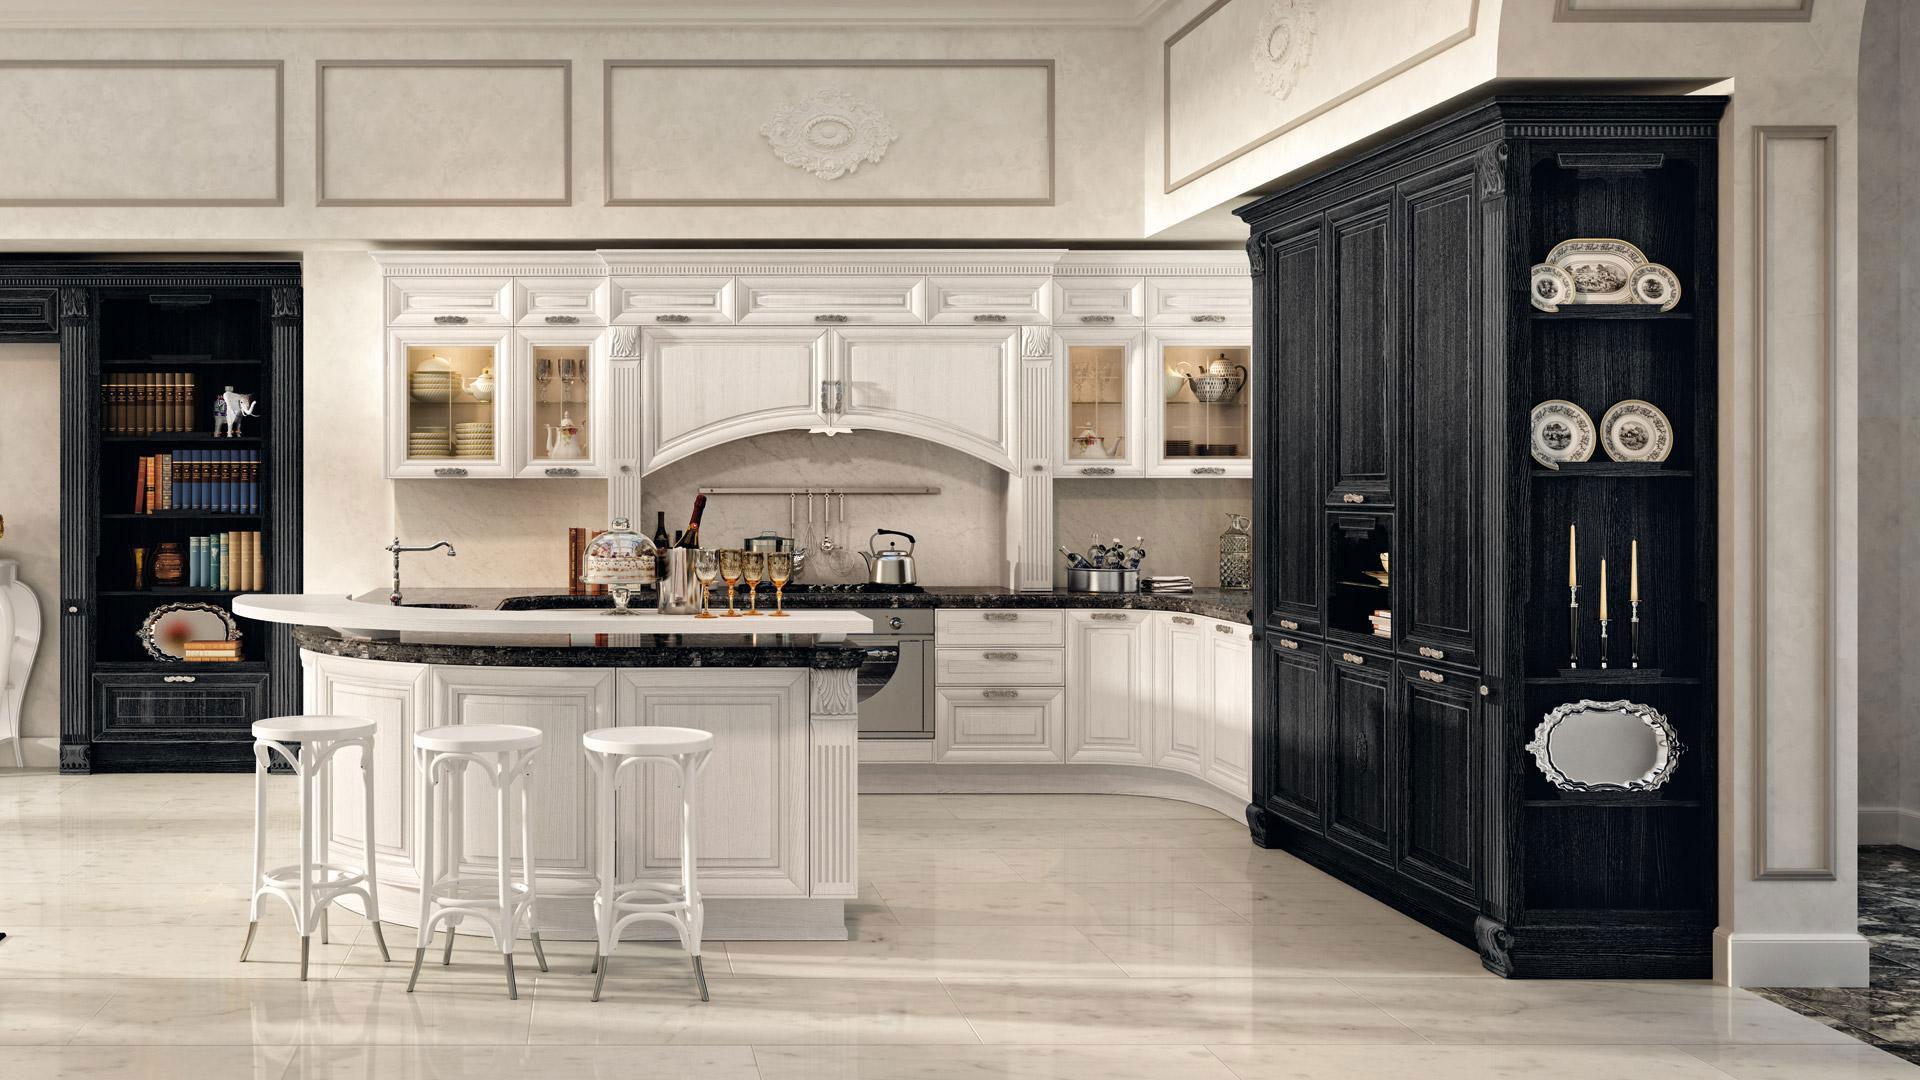 Cucine classiche lube modello pantheon 9 perego - Cucine lube classiche prezzi ...